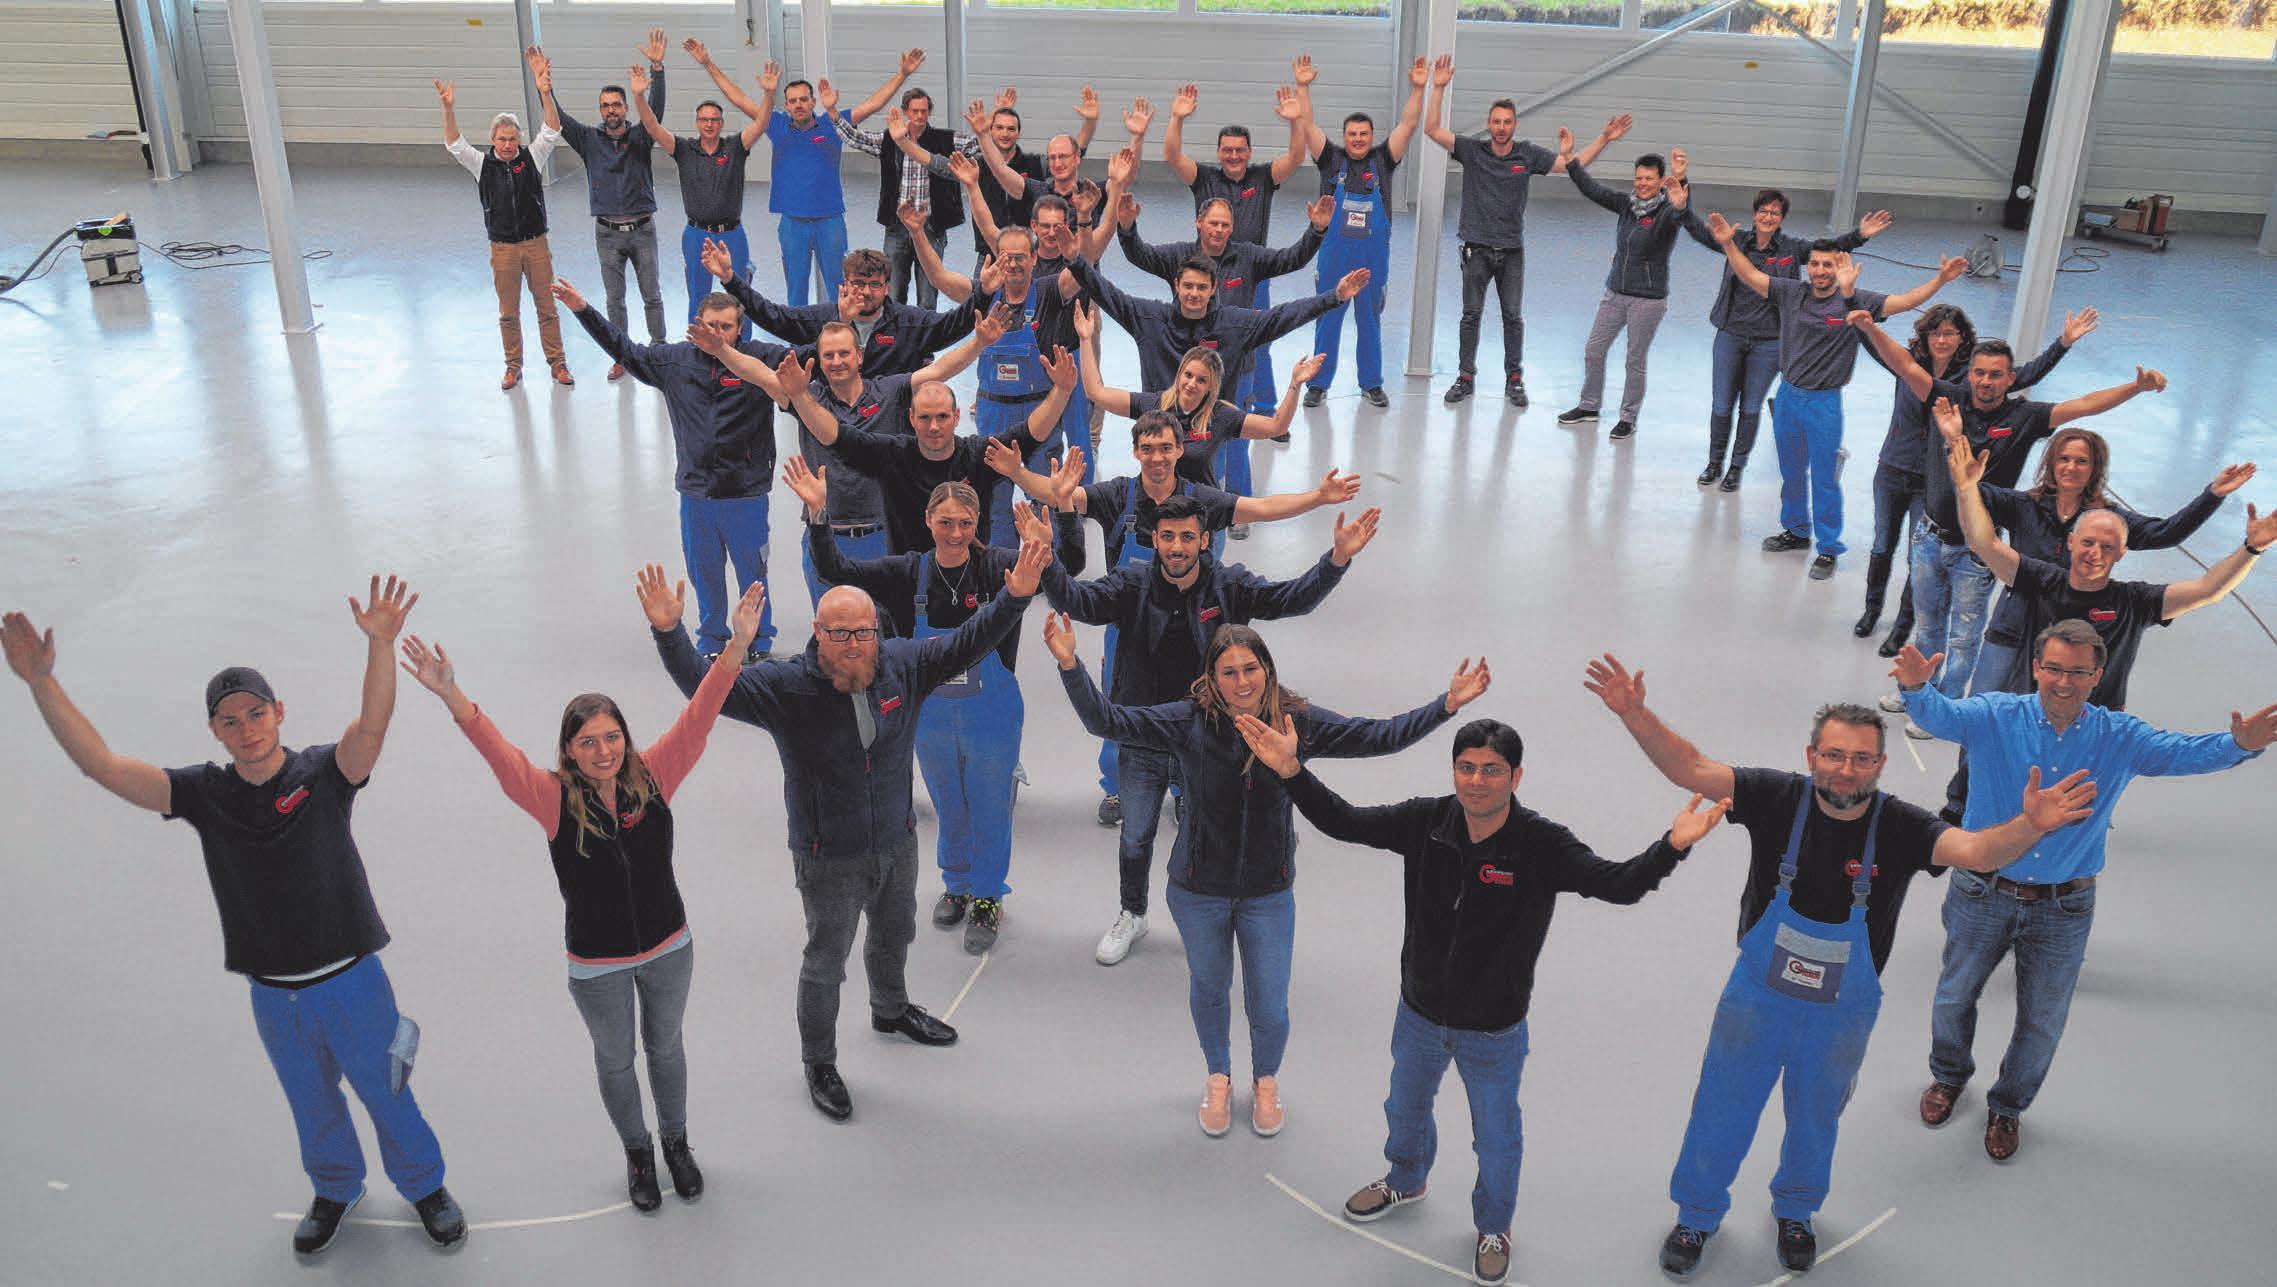 Seit 30 Jahren besteht Grimm Zuführtechnik - die Mitarbeiterinnen und Mitarbeiter weisen schon einmal ganz persönlich auf das Geburtstagswochenende im September hin.